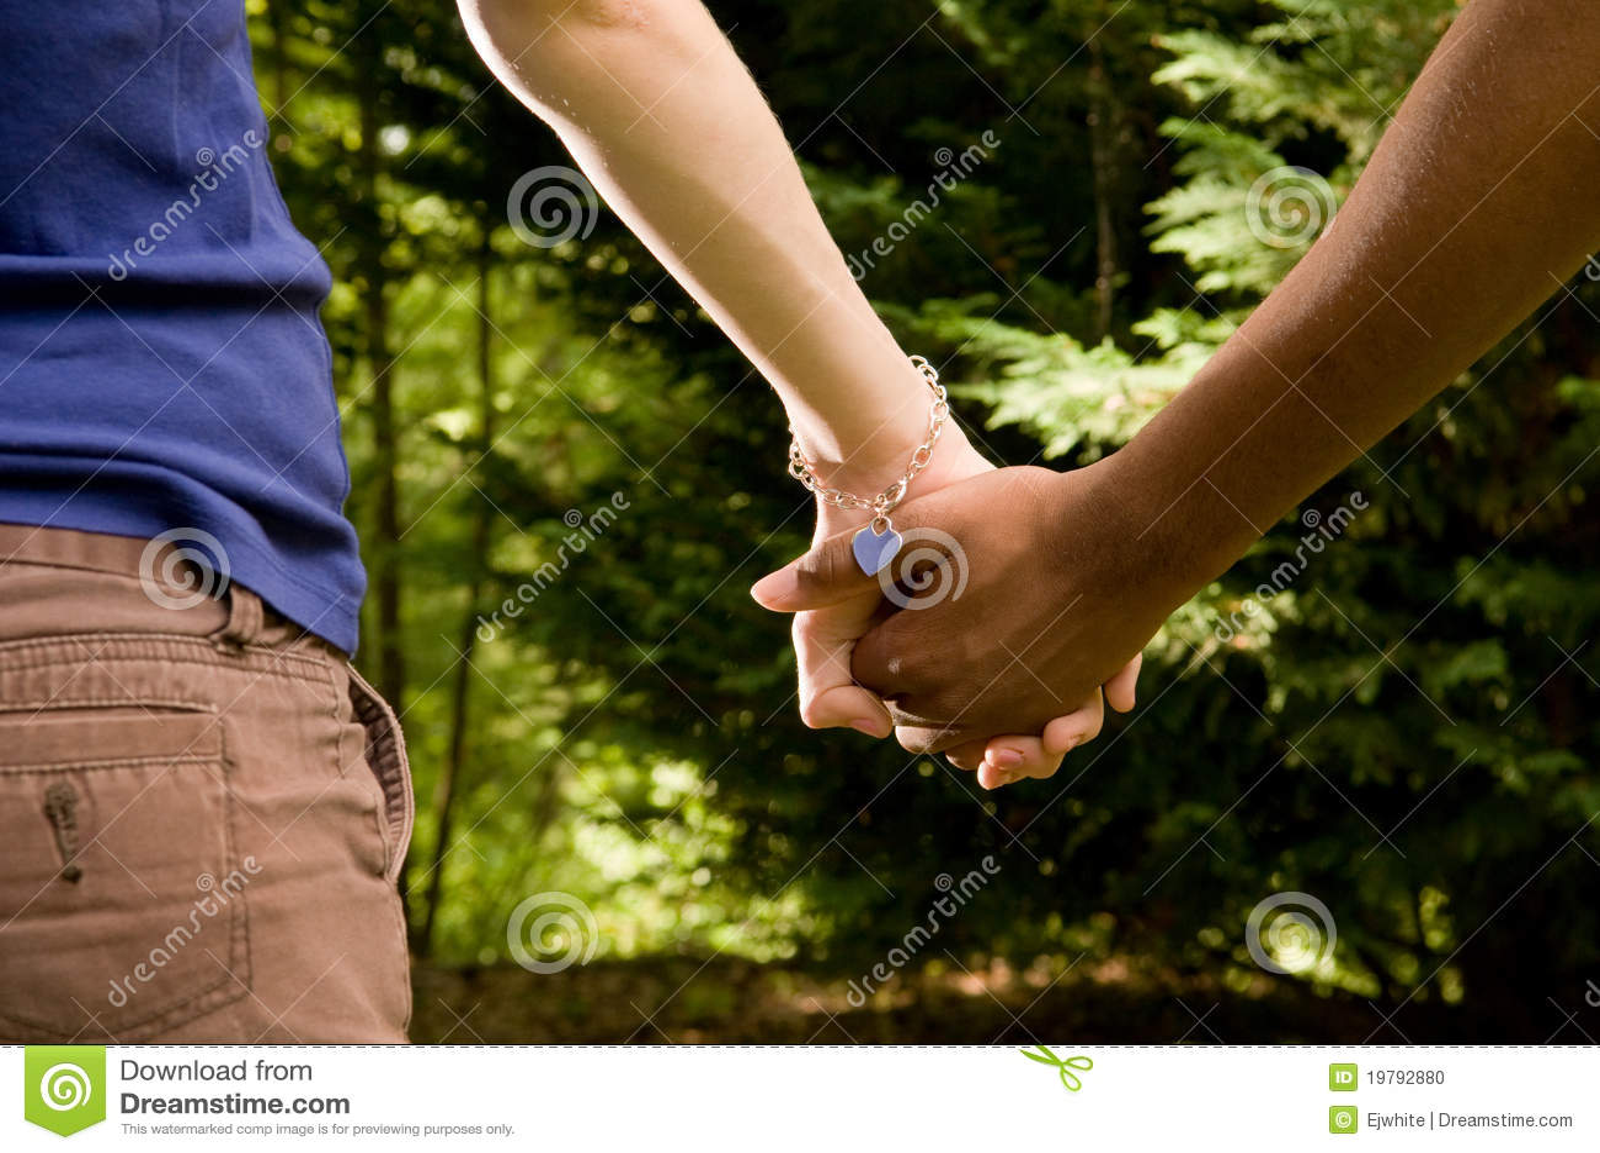 wit meisje interracial dating leeftijdsgrens in Canada voor dating